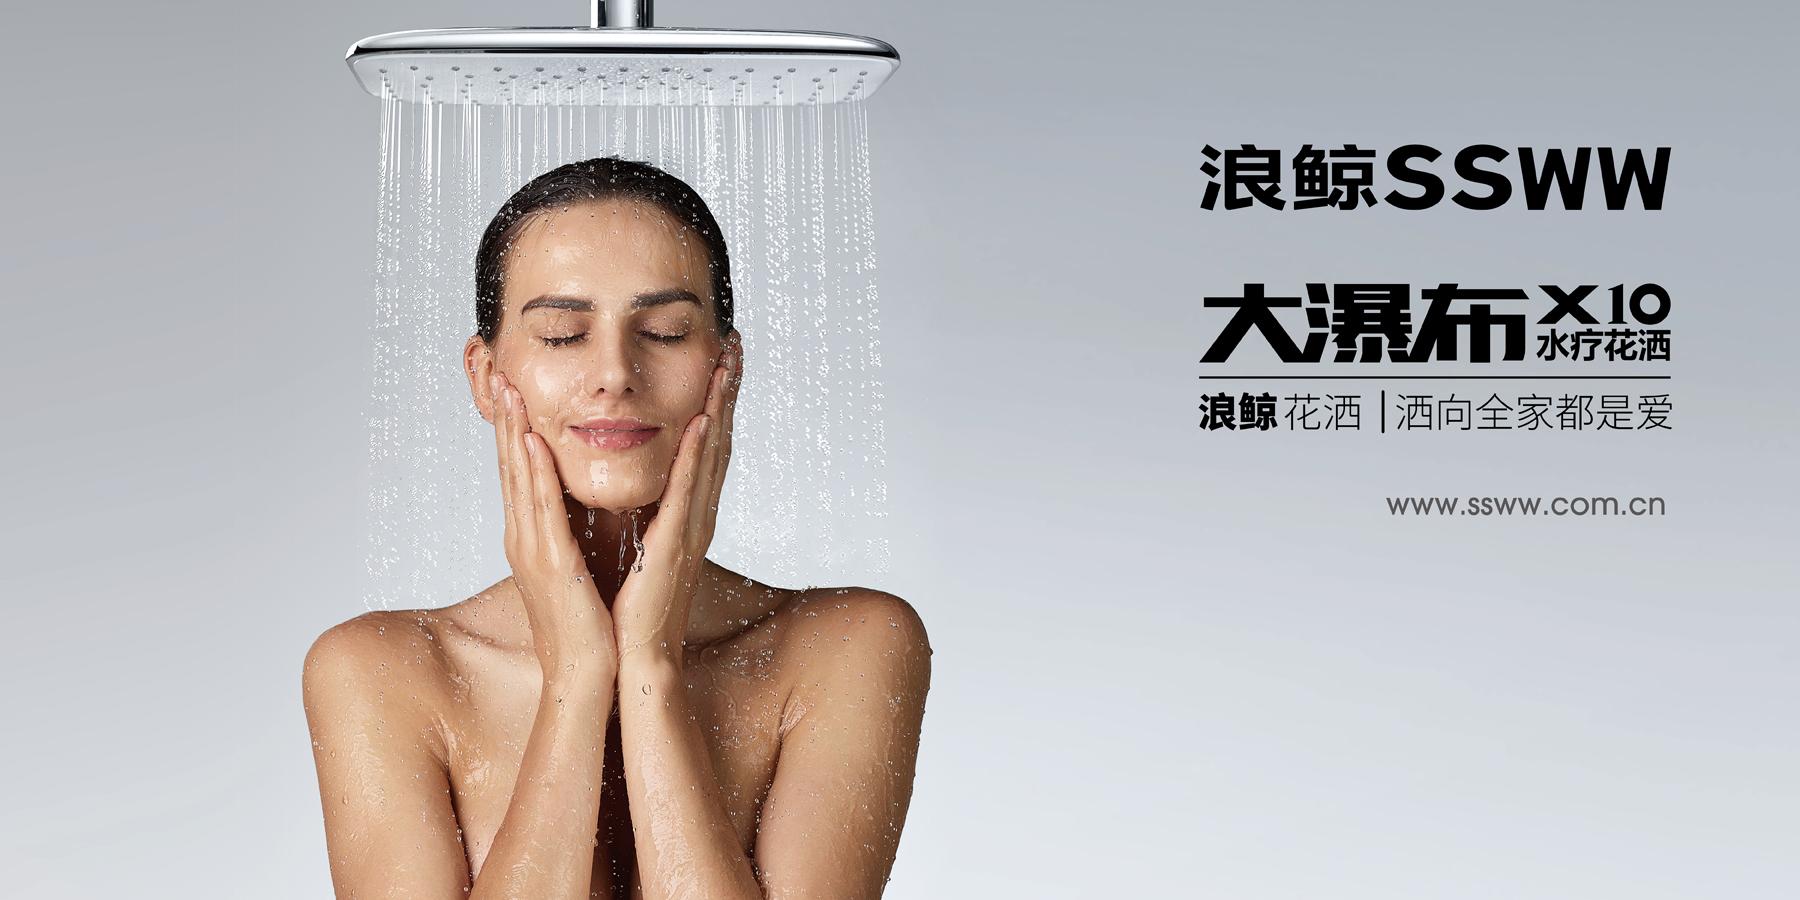 浪鲸卫浴亮相第125届广交会展现品牌硬核实力